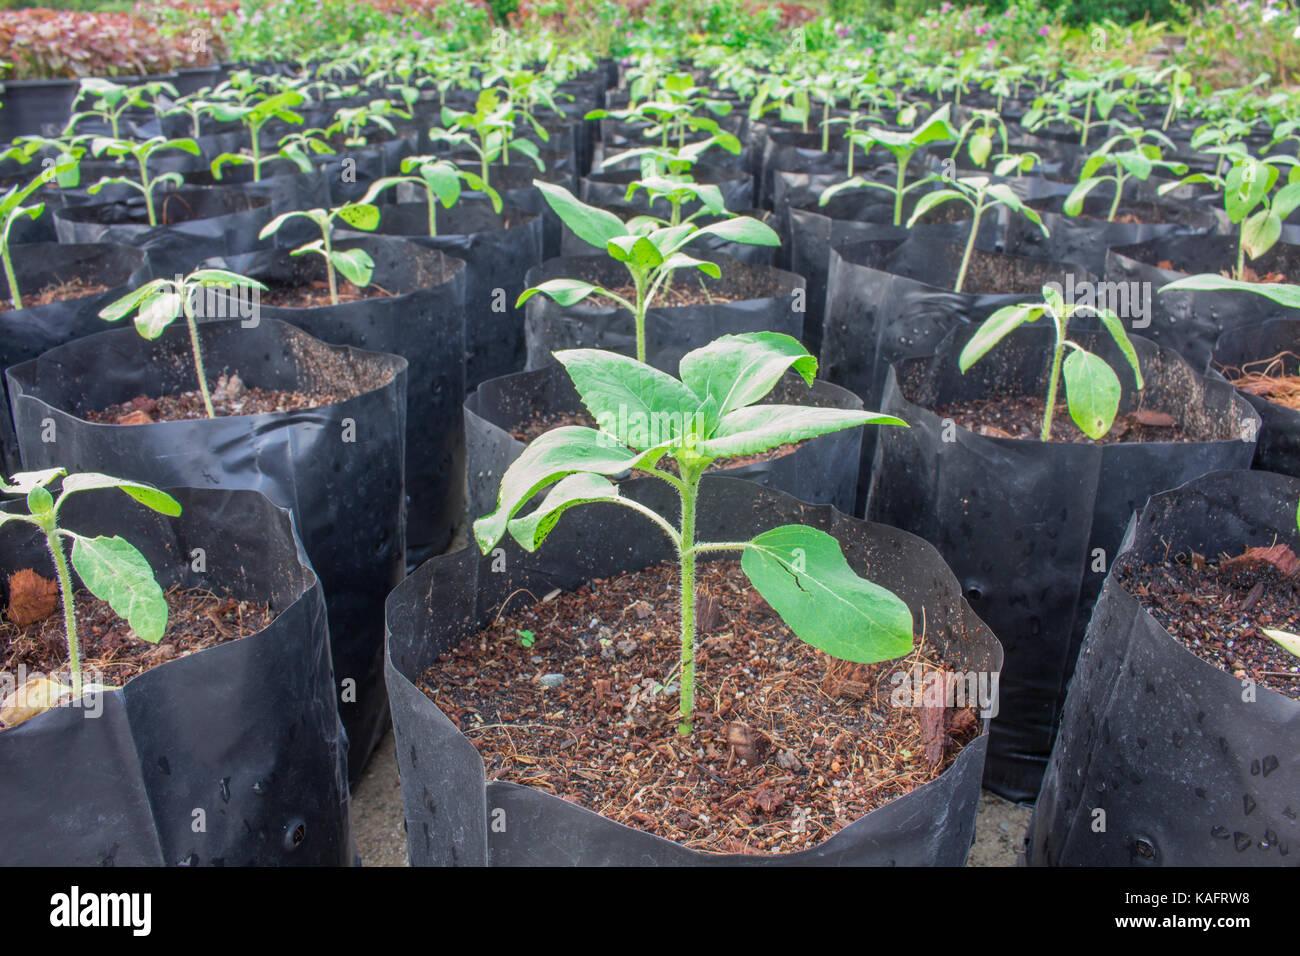 Piantine, la semina di semi di girasole sano di preparare, prima di piantare secondo necessità. Immagini Stock